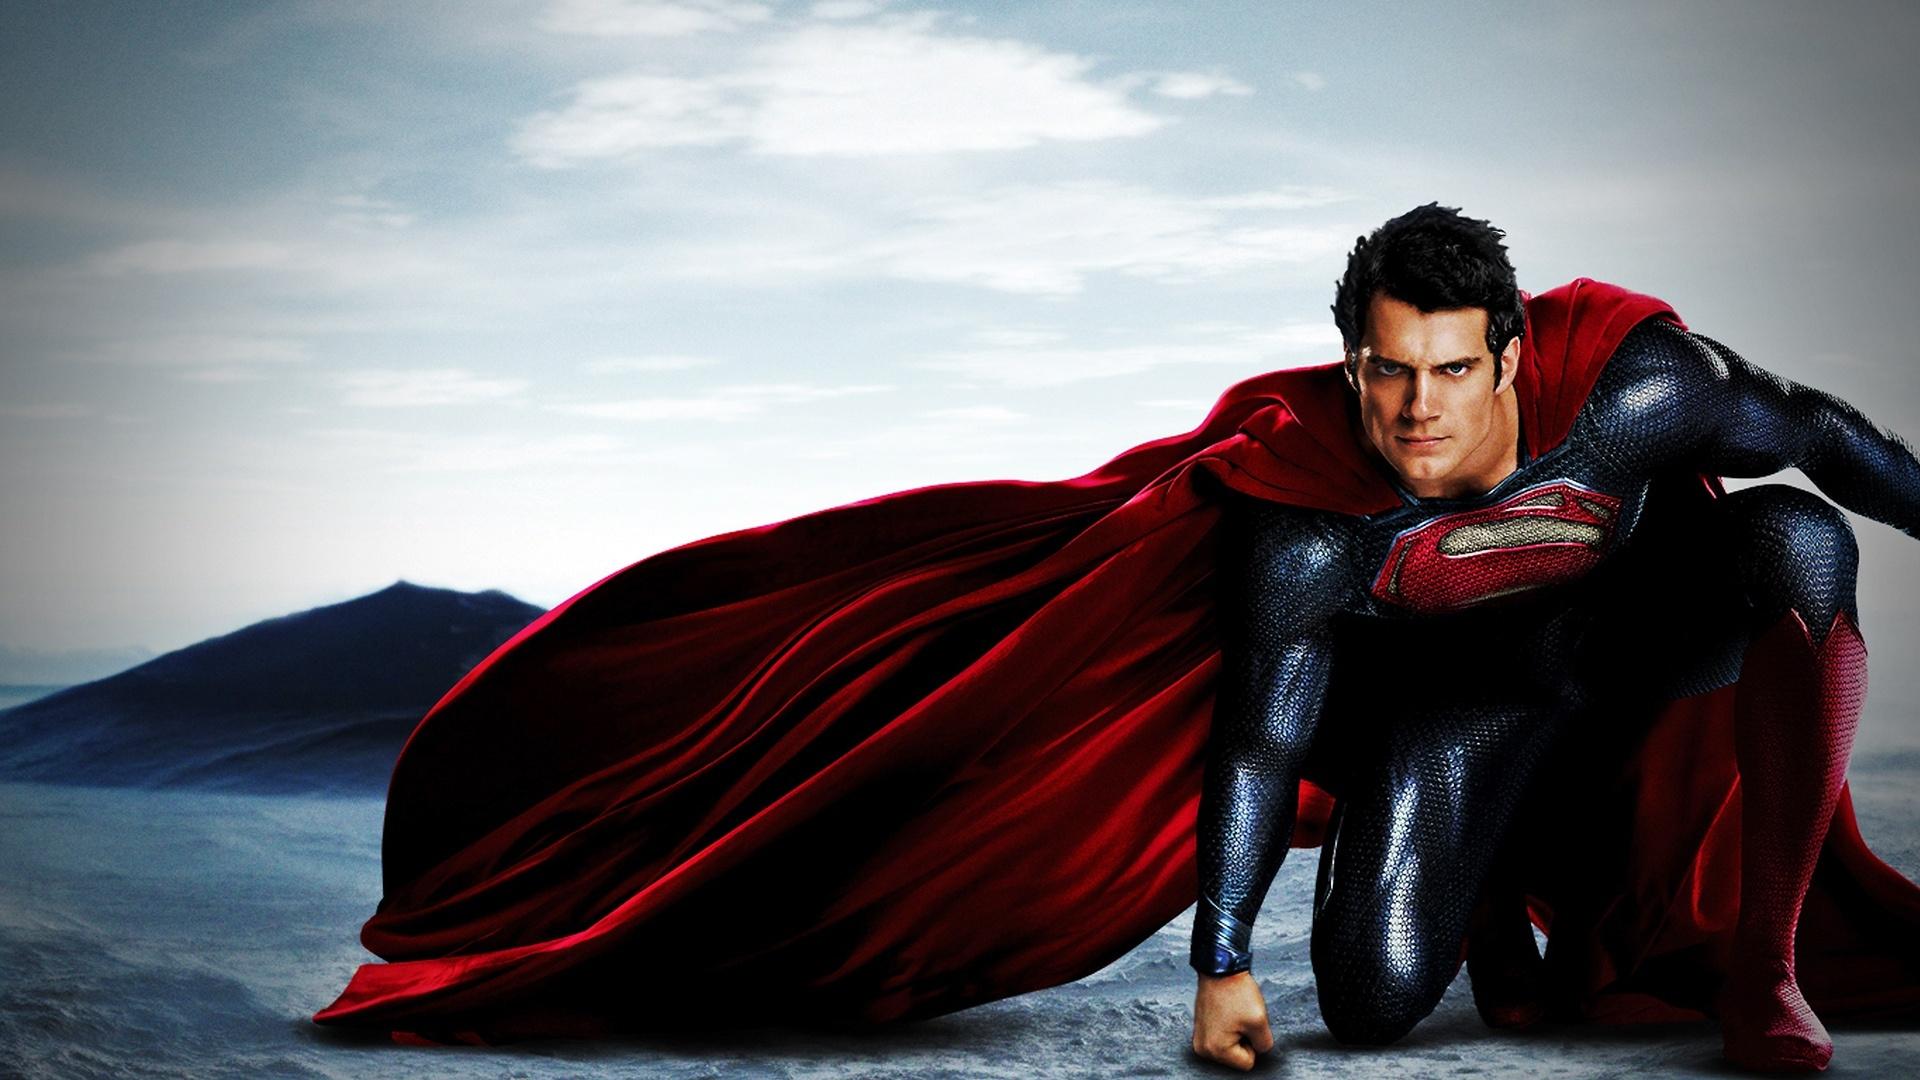 D-of-Superman-wallpaper-wp400926-1